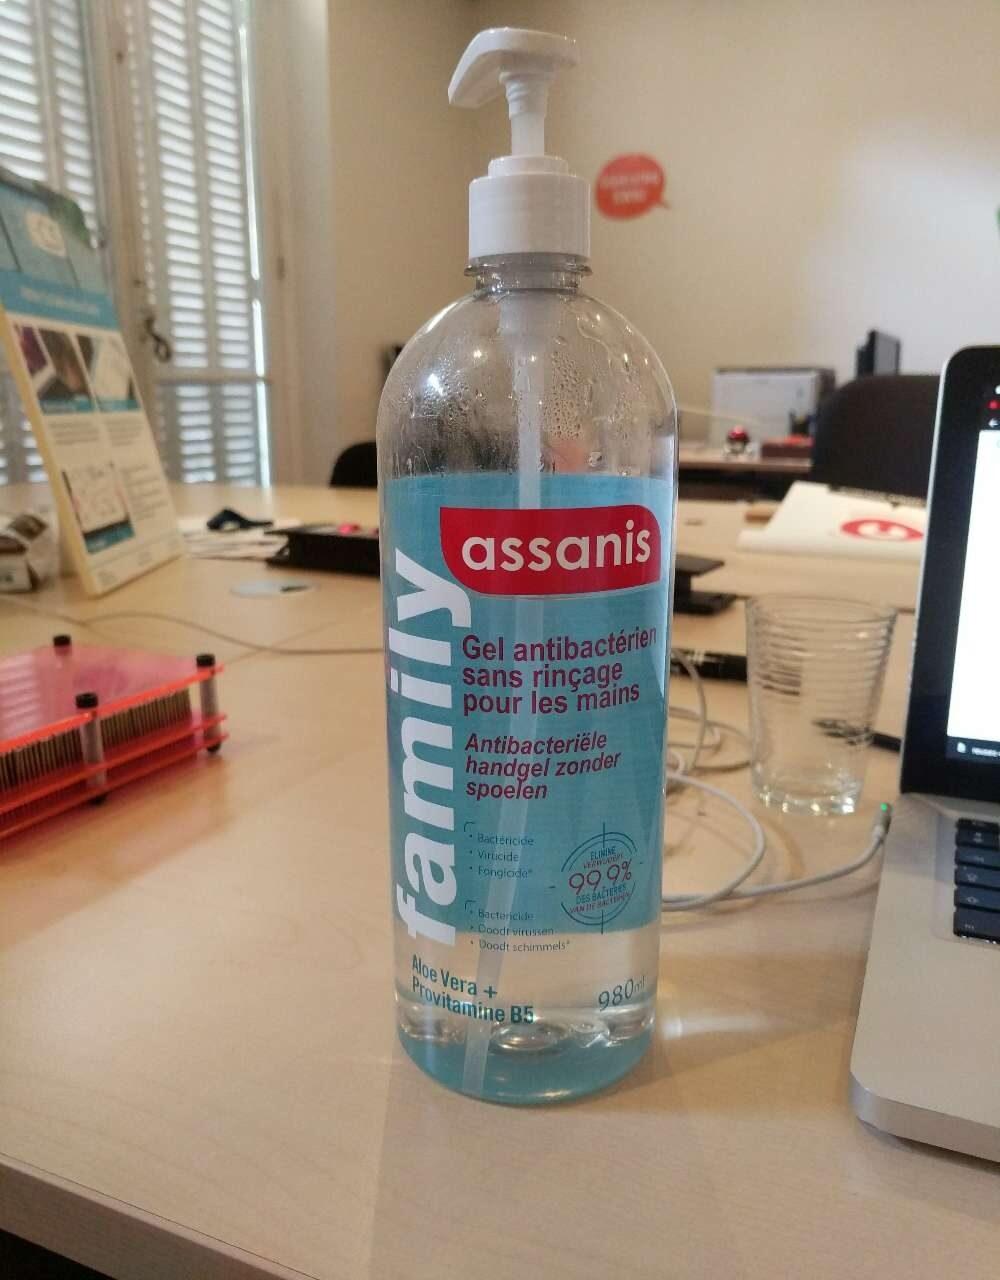 Gel antibactérien sans rinçage pour les mains - Product